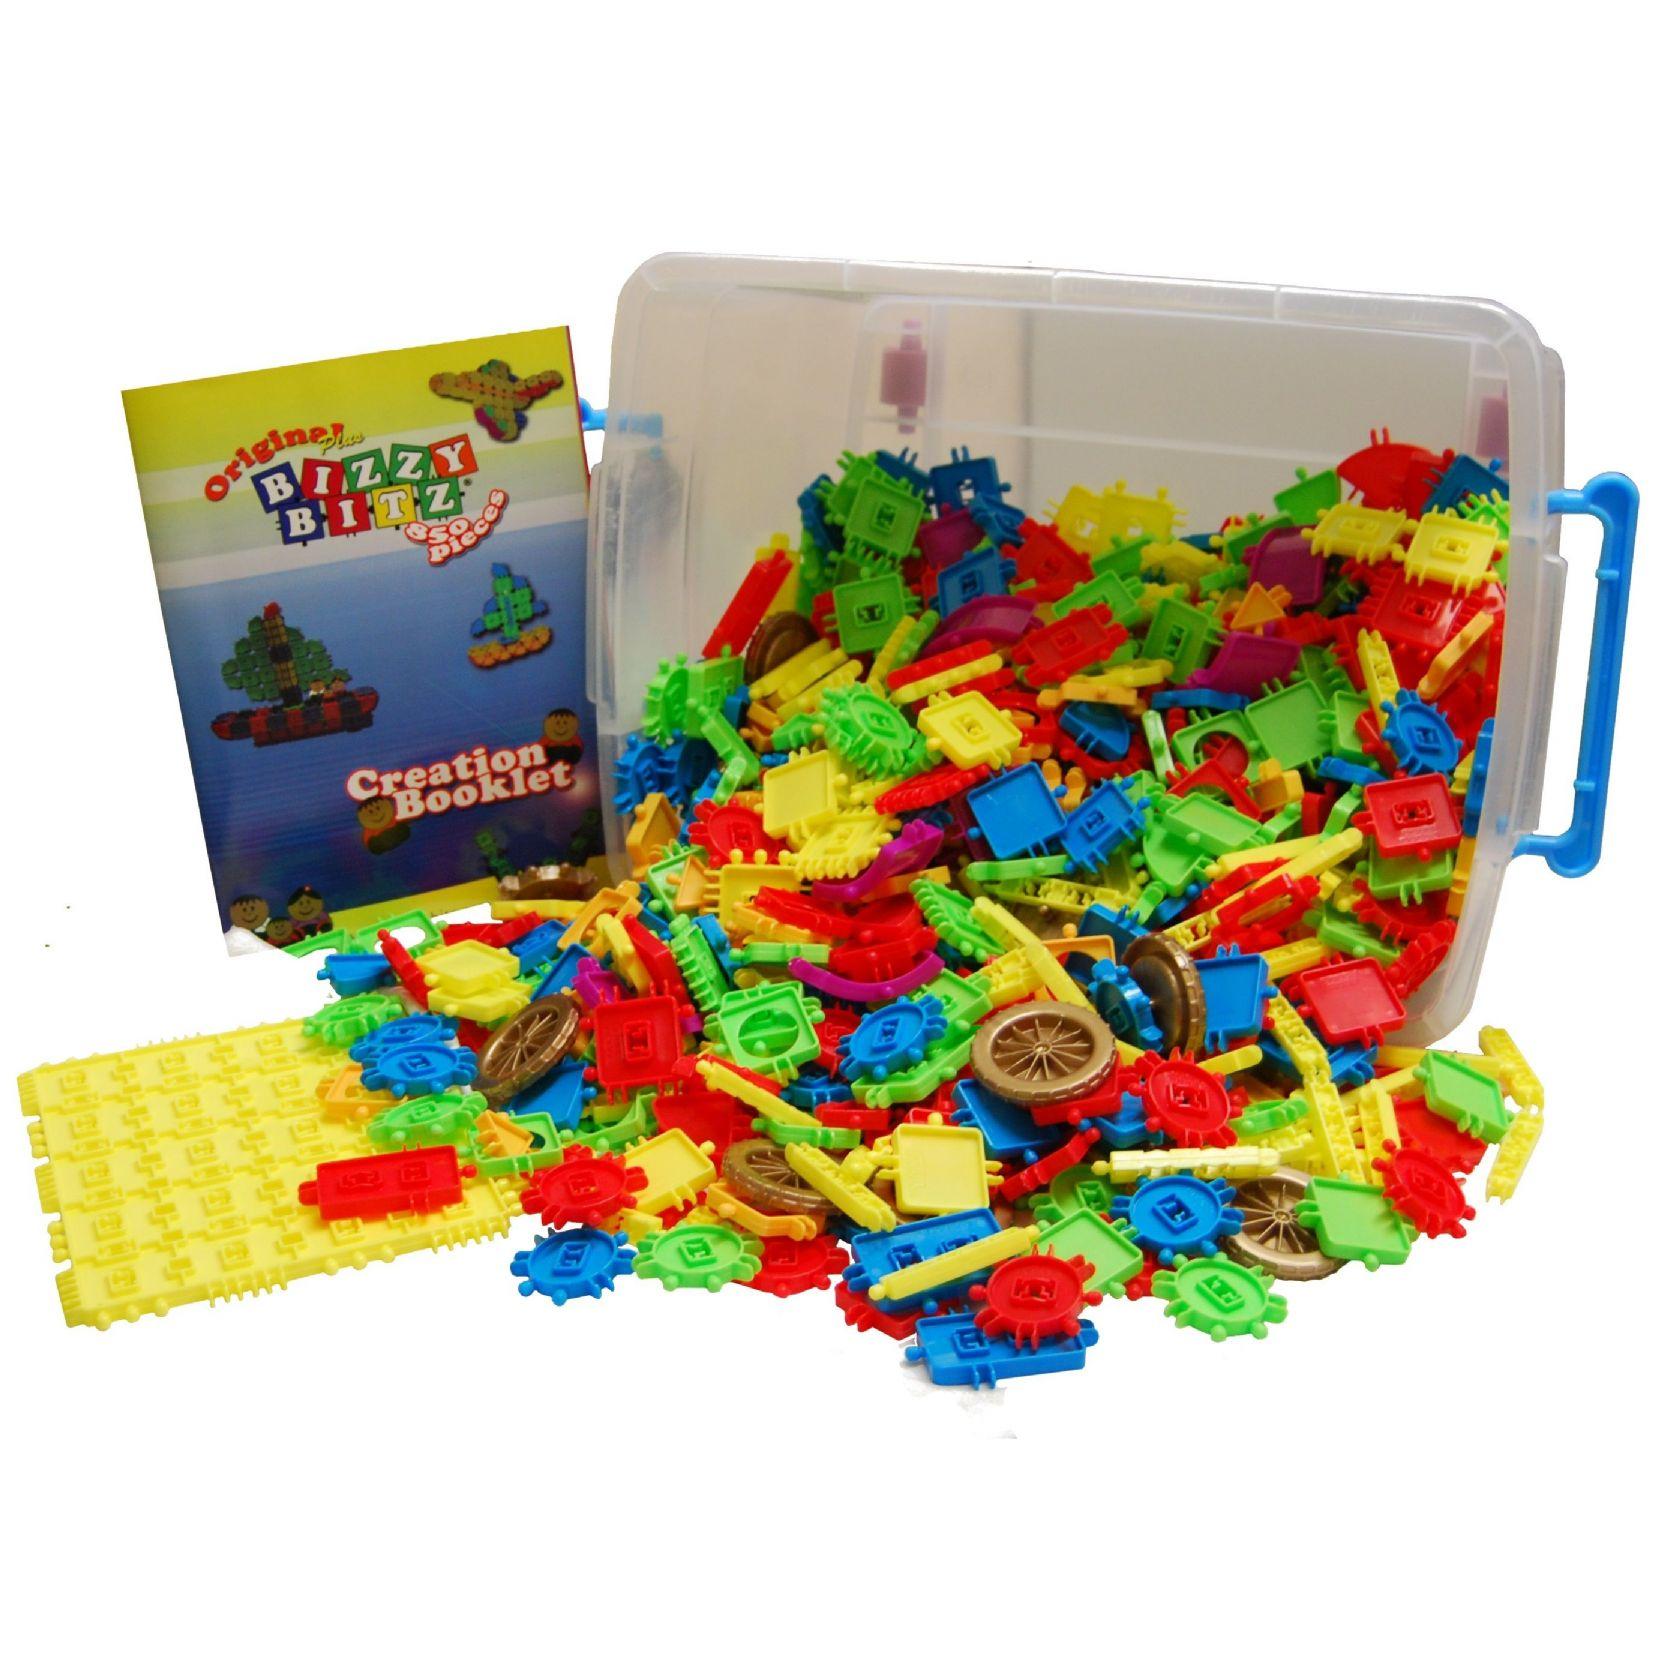 Toys Are Us Construction Toys : Original plus bizzy bitz construction toys piece